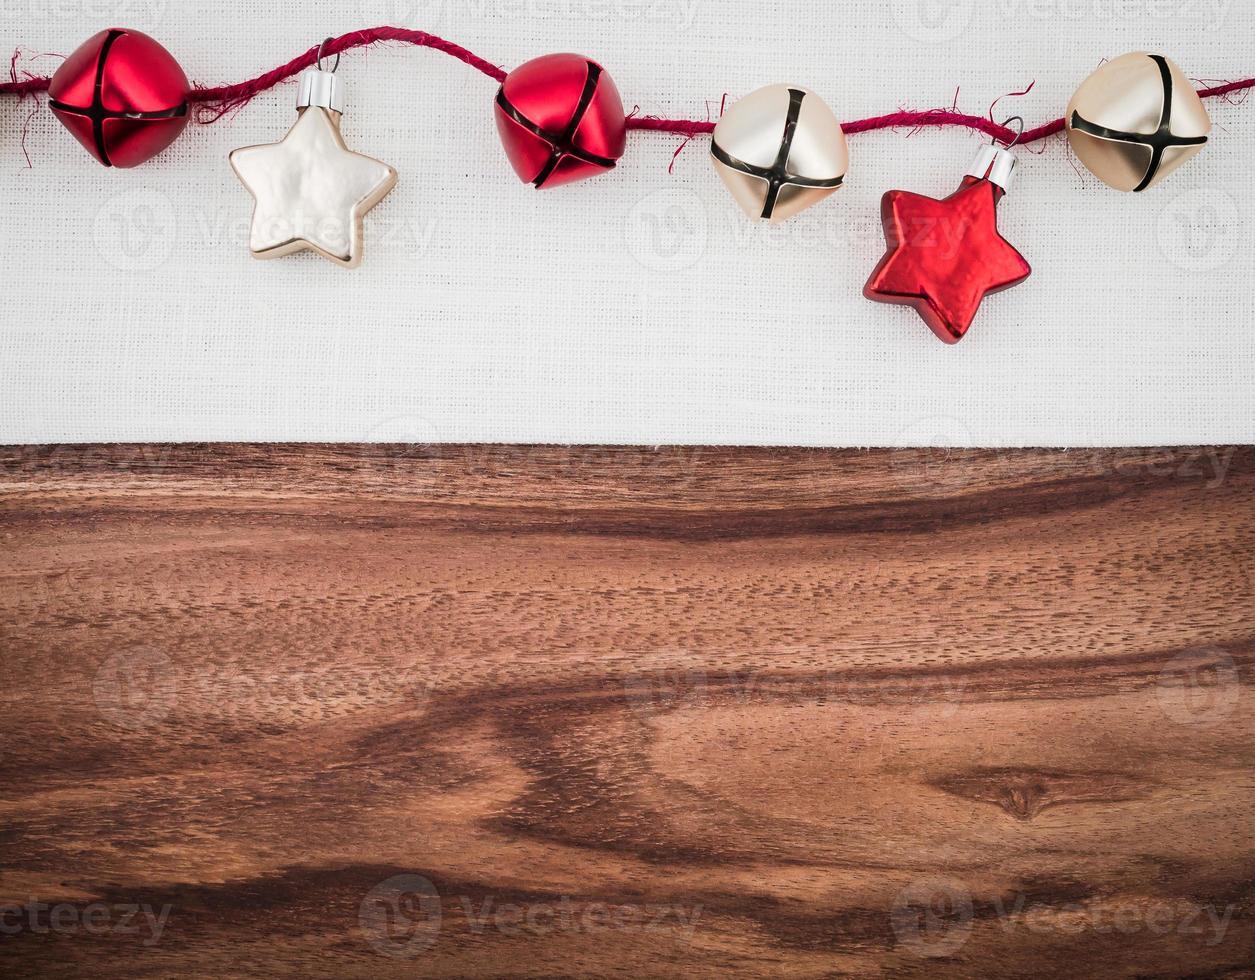 estrellas y campanas, decoración navideña en lino, madera, espacio de copia foto